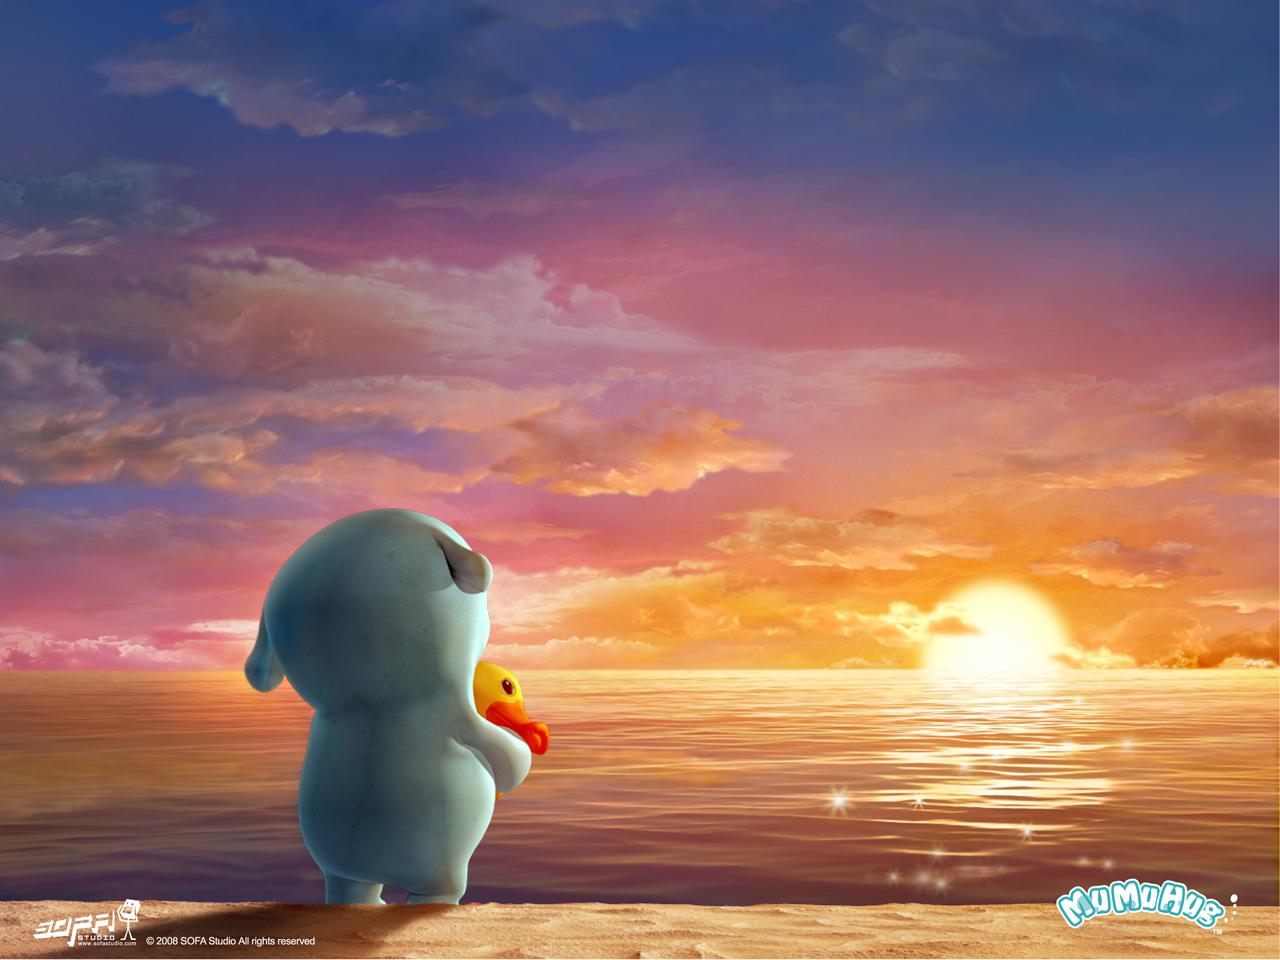 11268 скачать обои Мультфильмы, Закат, Небо, Море, Солнце, Облака - заставки и картинки бесплатно